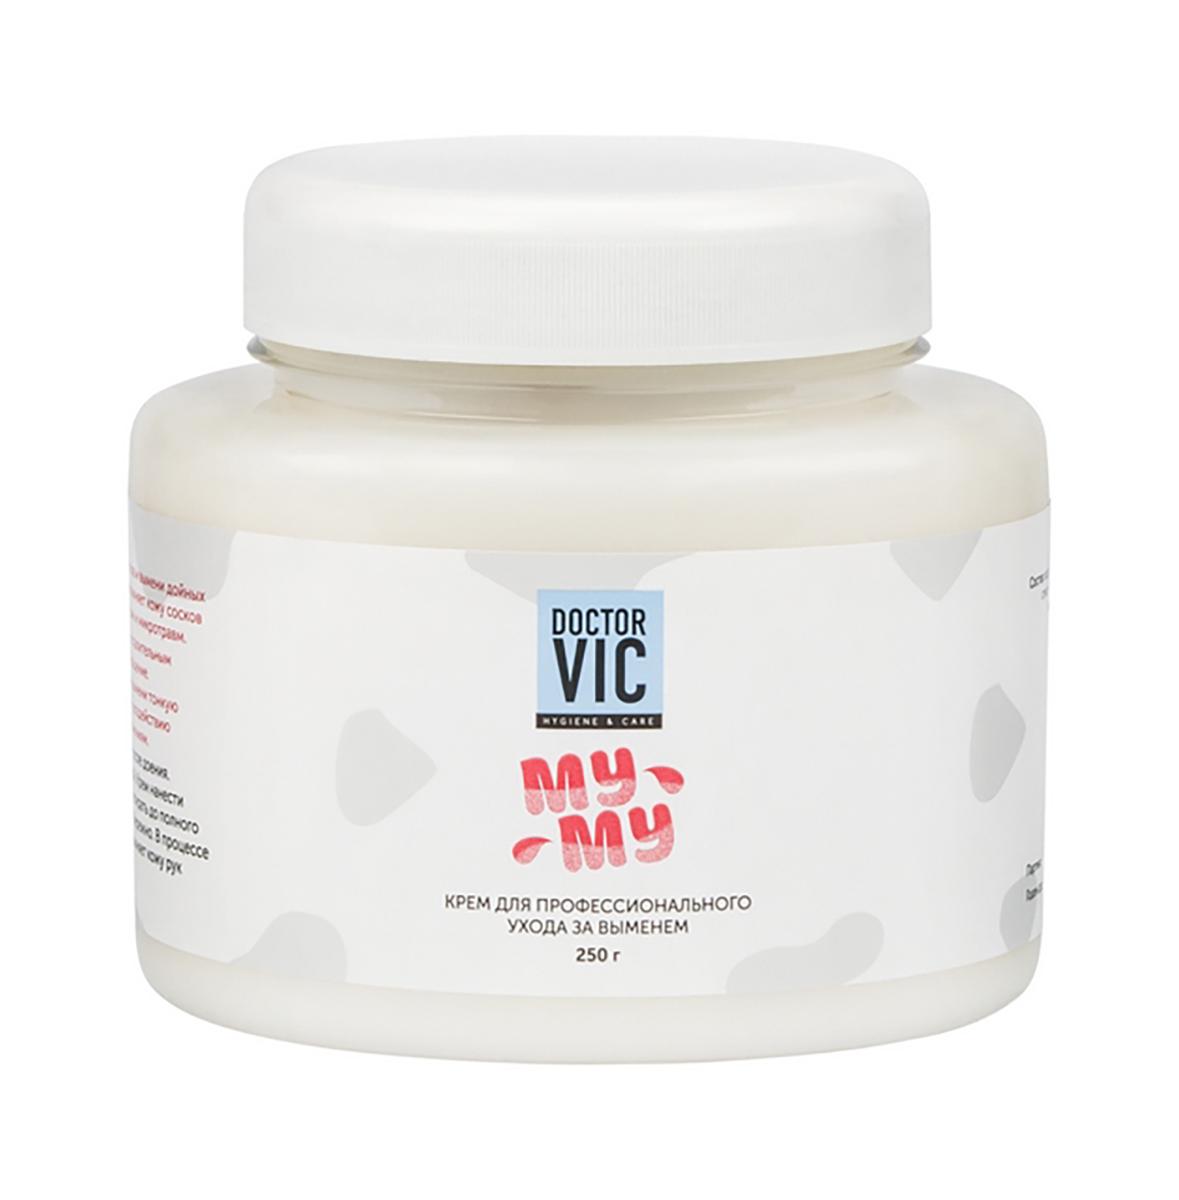 Крем Doctor Vic Му-му, для профессионального ухода за выменем, 250 гХ1П12Н-629Крем предназначен для профилактического ухода за выменем и кожей рук доярок